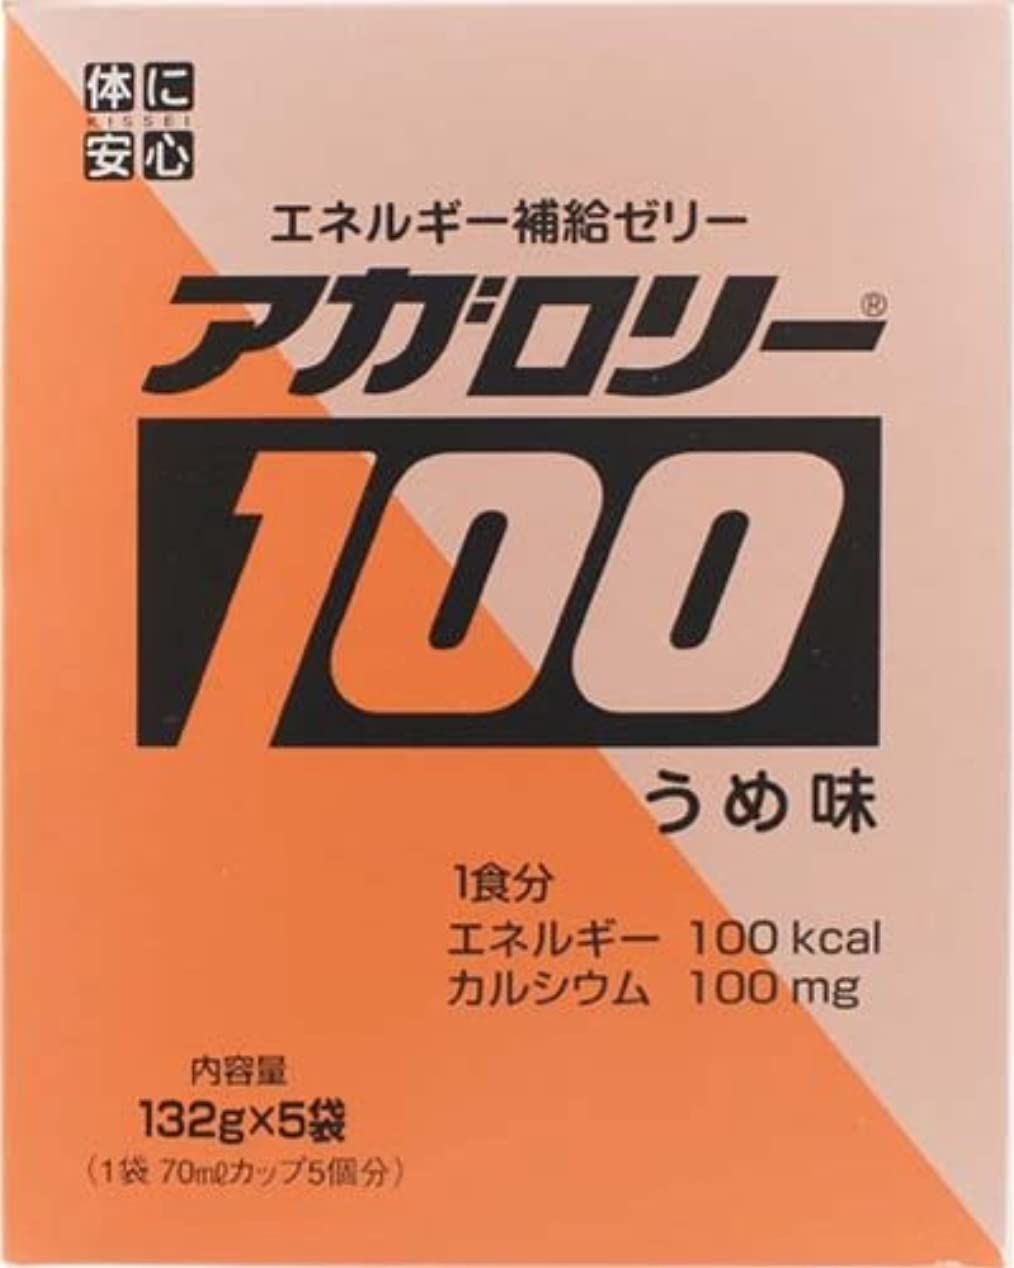 応用可能性動アガロリー100 (うめ味) 132g×5袋入